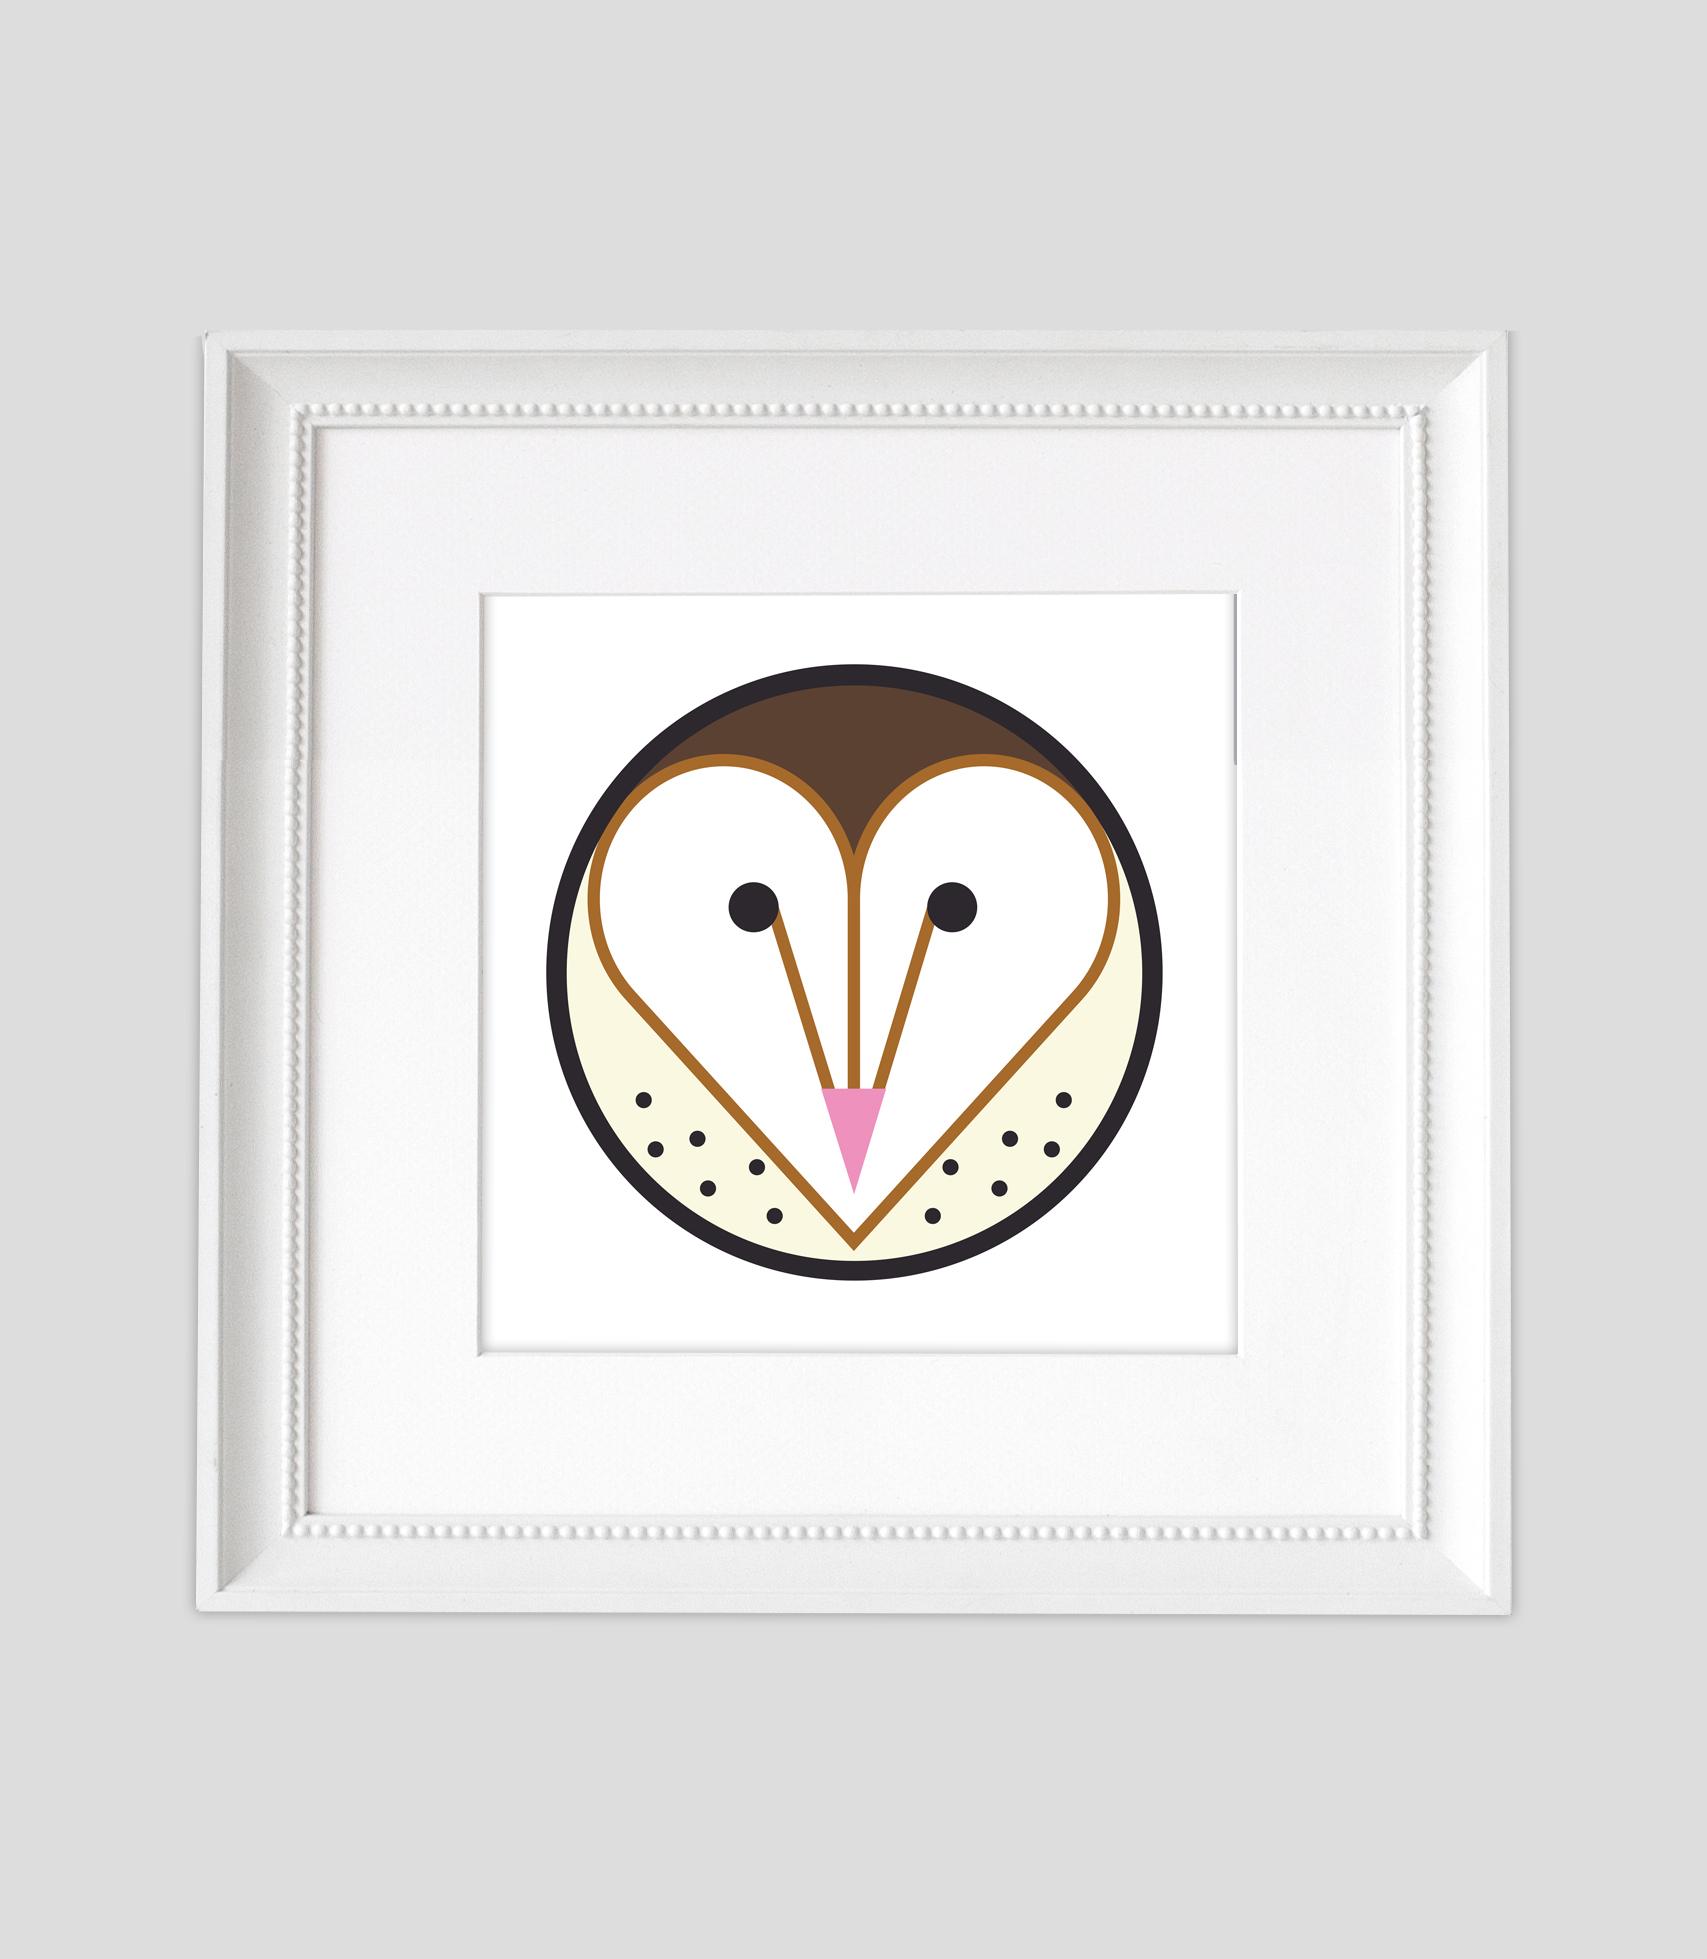 Barn Owl2 White Framed2.jpg